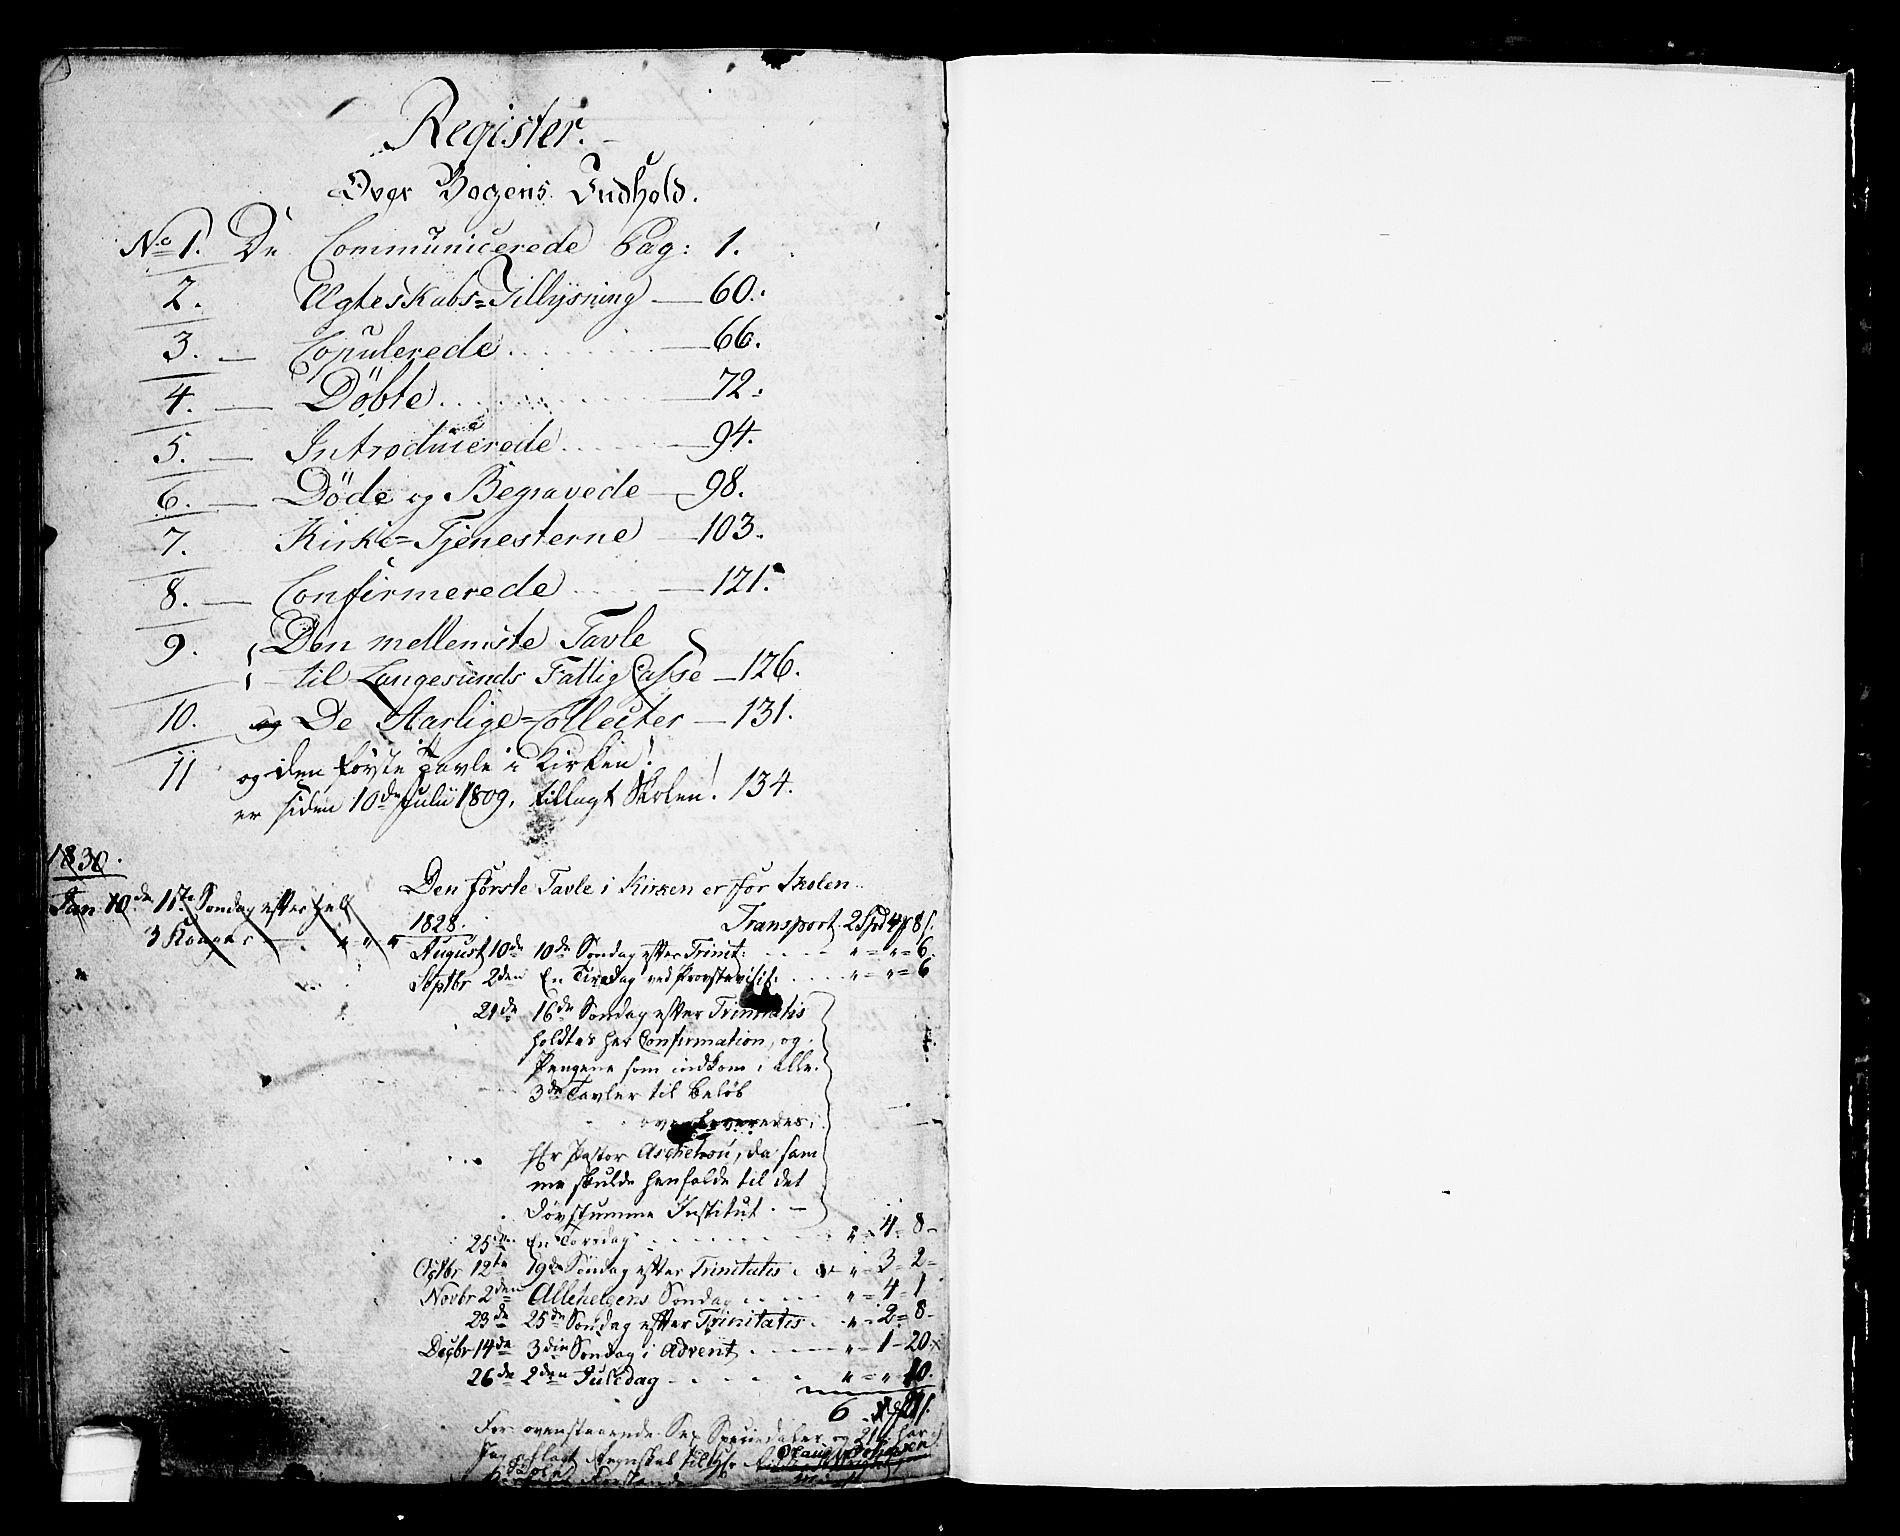 SAKO, Langesund kirkebøker, G/Ga/L0002: Klokkerbok nr. 2, 1801-1815